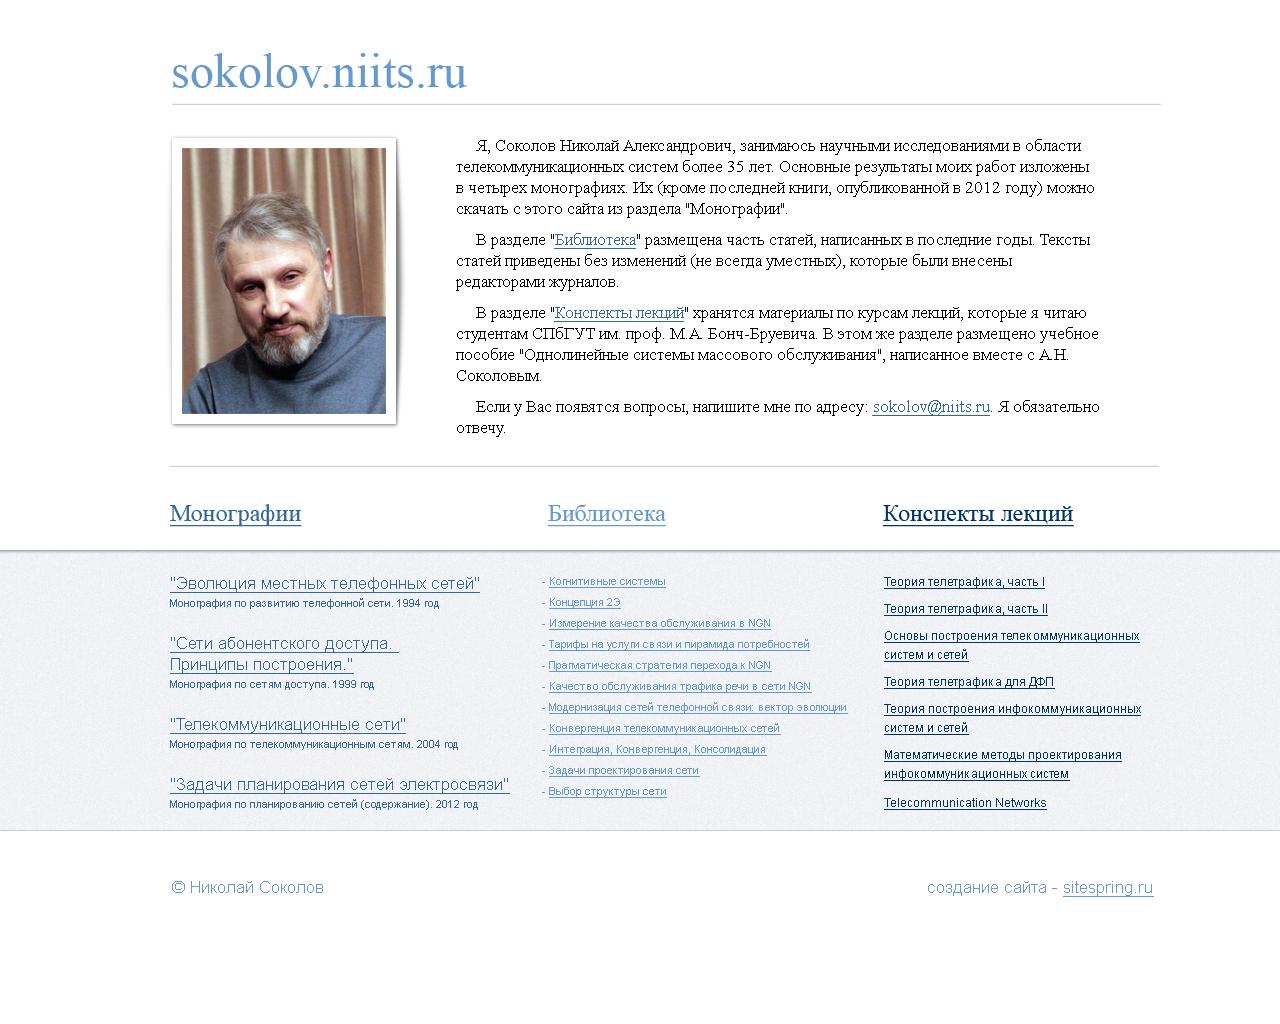 Персональный сайт эксперта в области телекоммуникационных систем